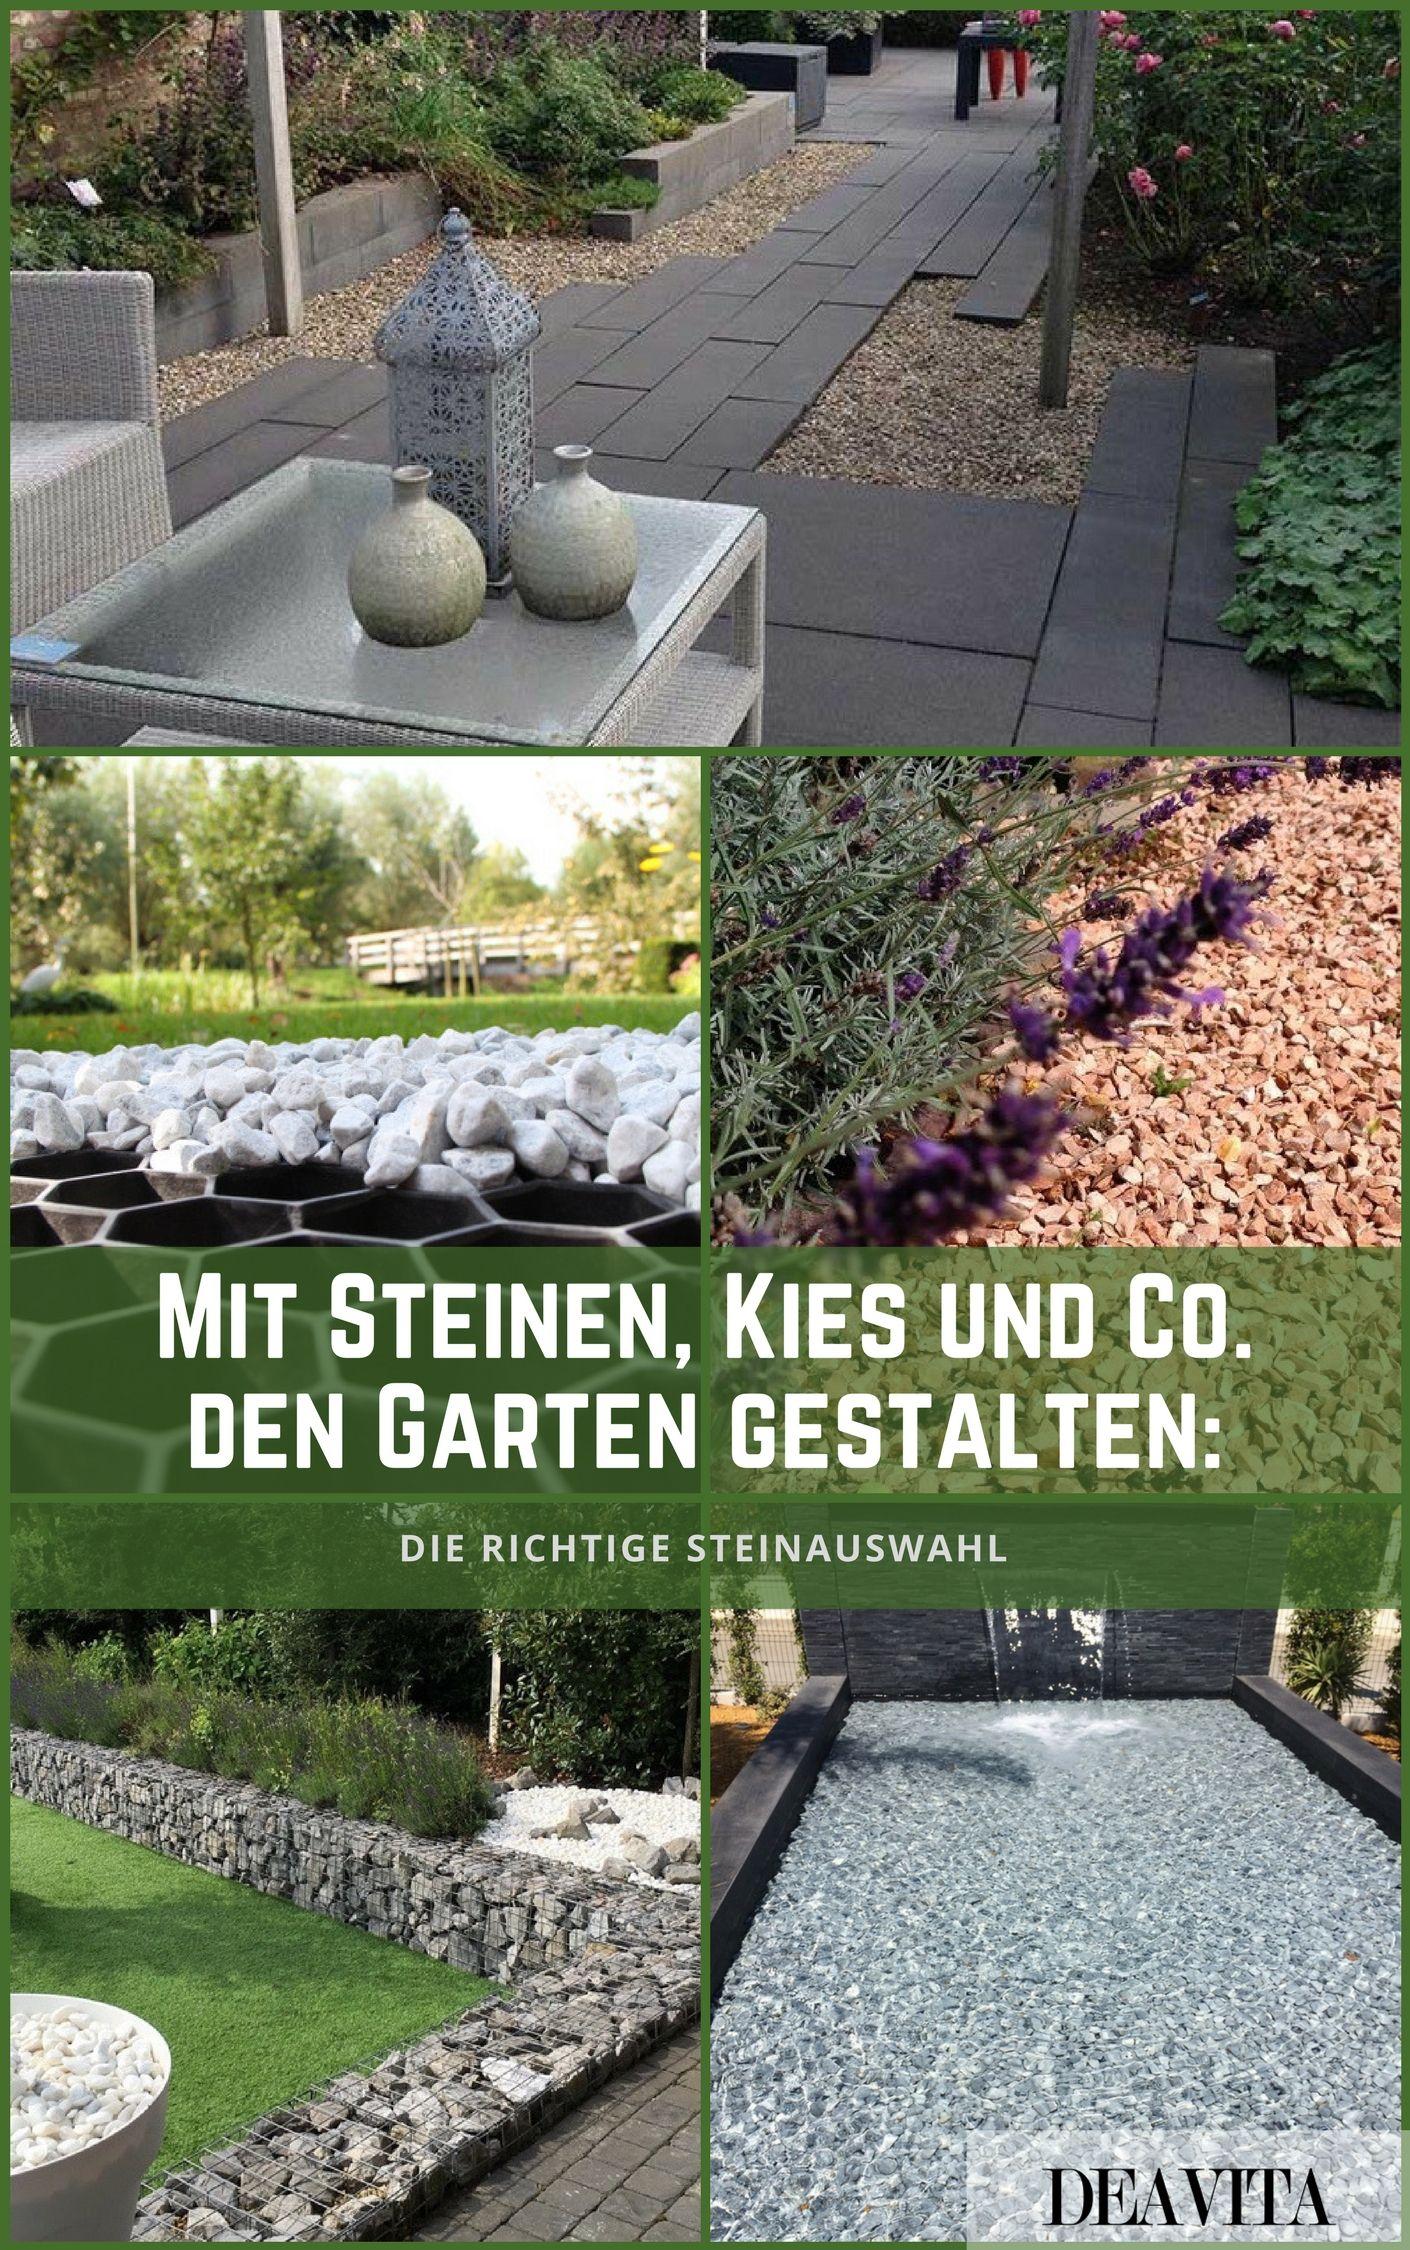 Eitelkeit Gartengestaltung Mit Steinen Beste Wahl Steinen, Kies Und Co. Den Garten Gestalten: